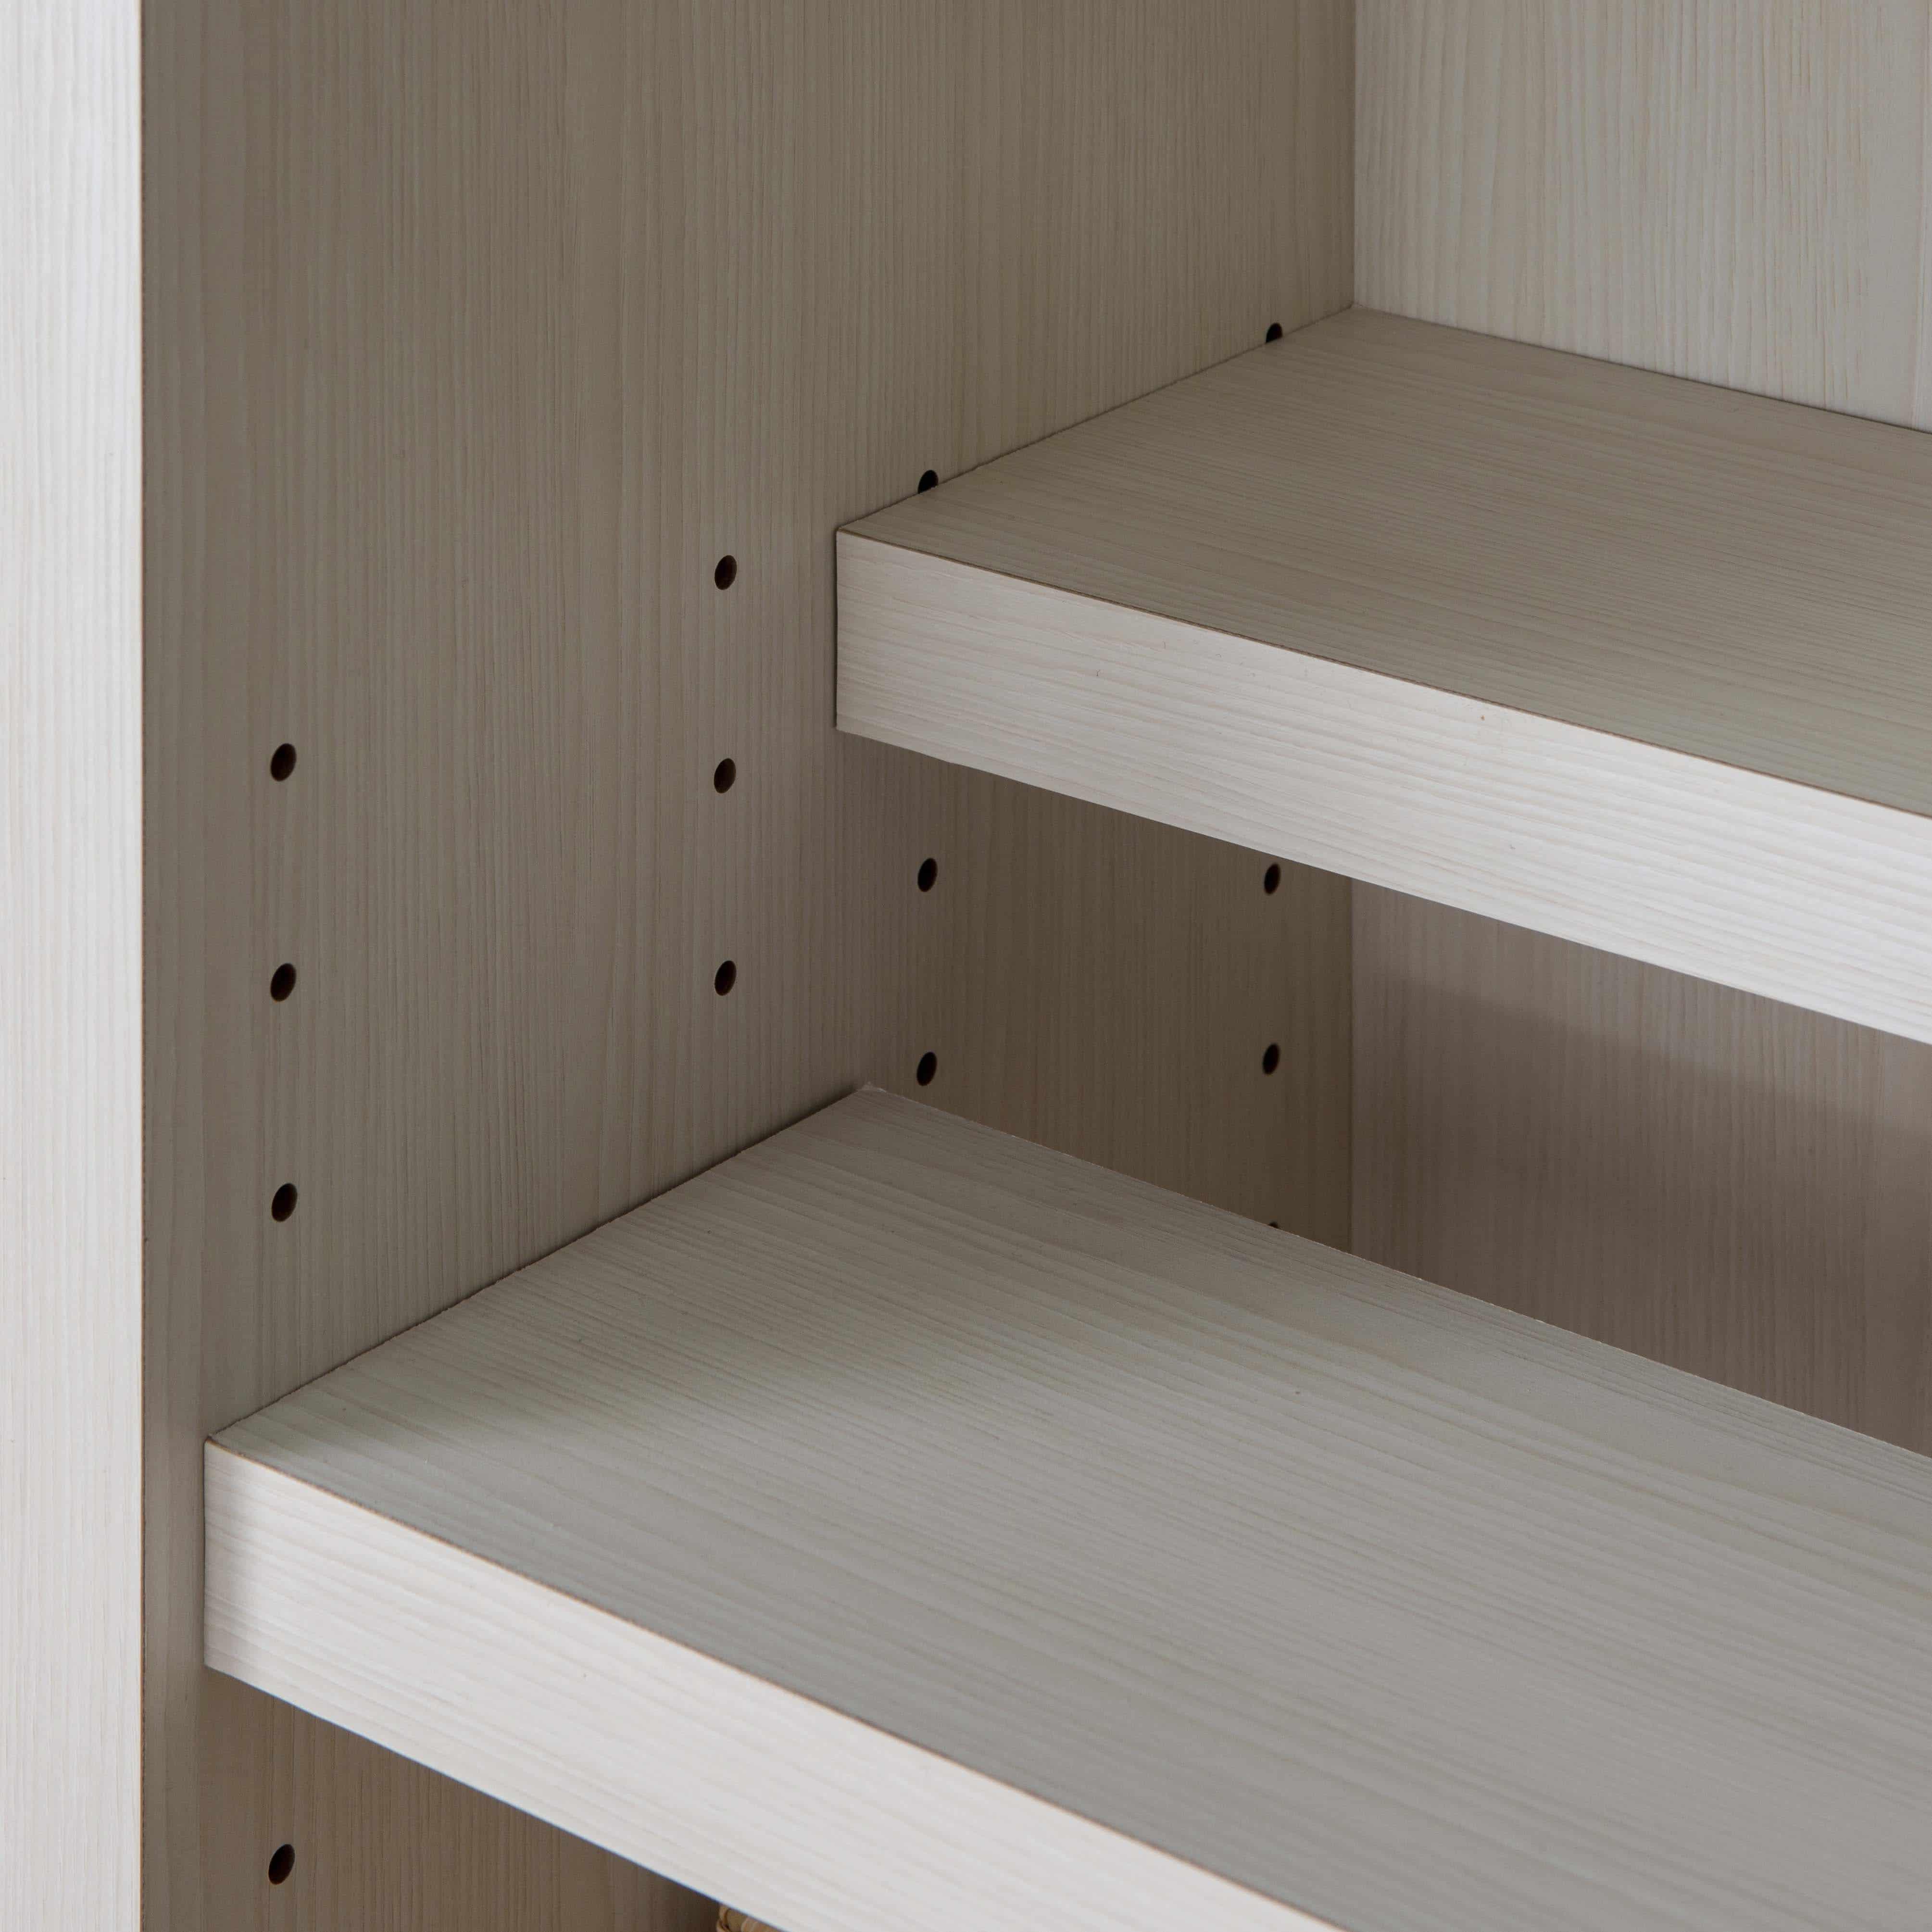 書棚 スカーラ 90Lフリーボード (ダークブラウン):細かな調整で無駄なく収納